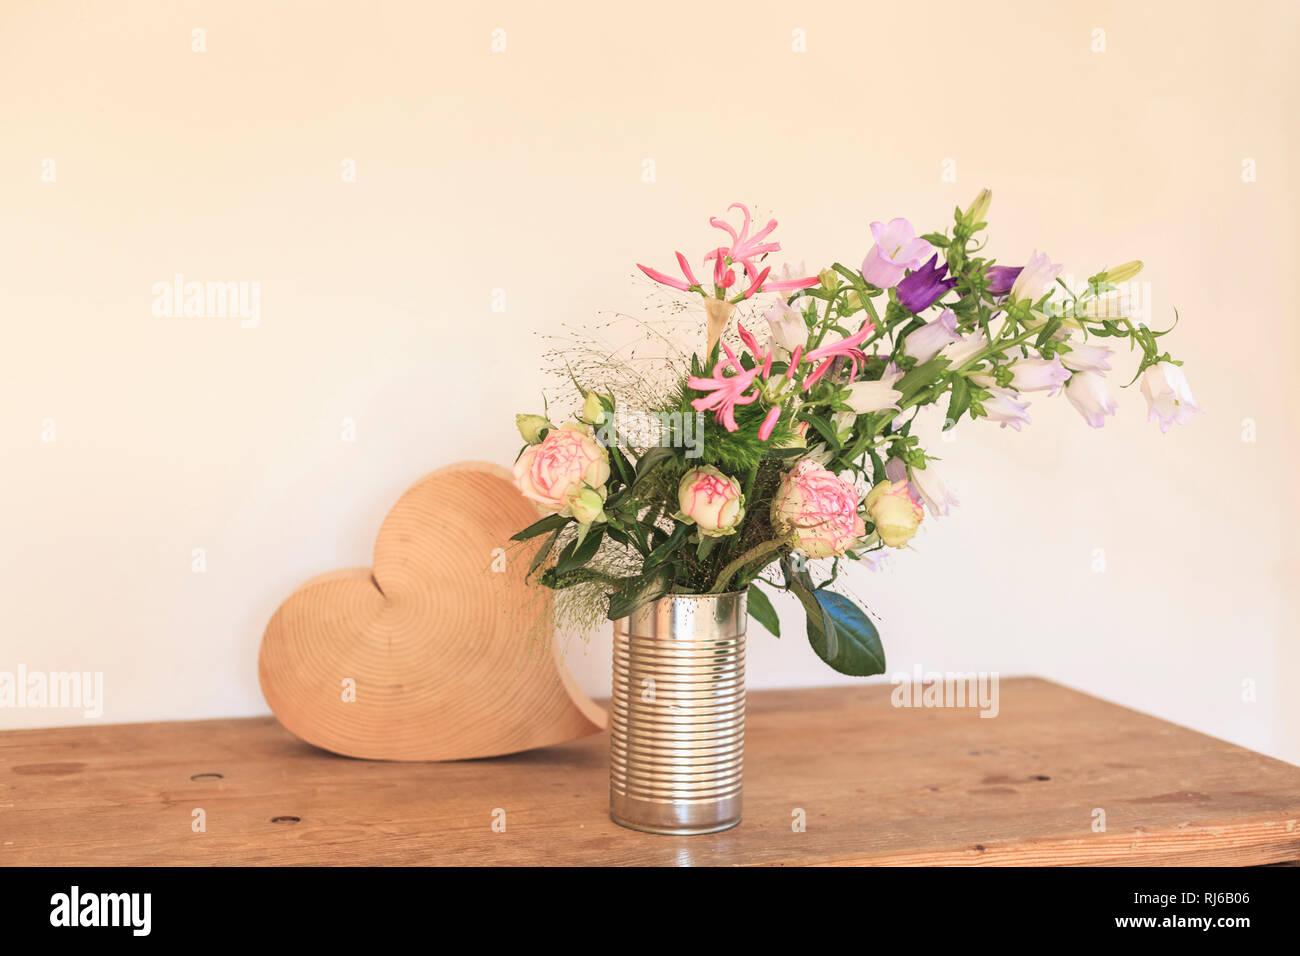 Strauß Sommerblumen, Dosis als Vase, daneben ein Herz aus Holz Stockbild